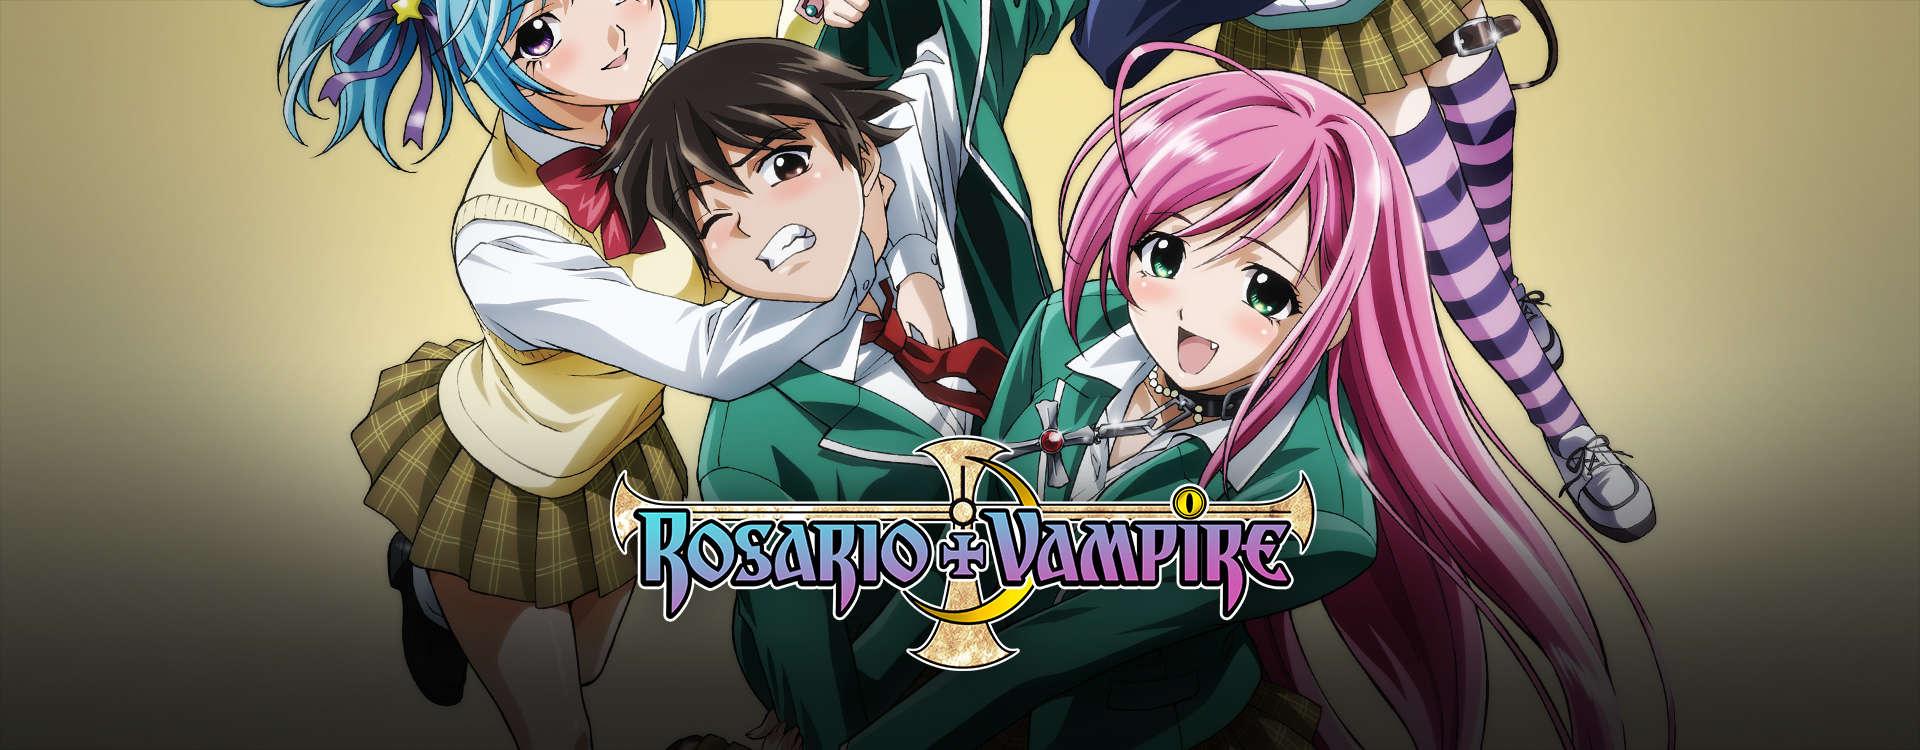 Rosario + Vampire